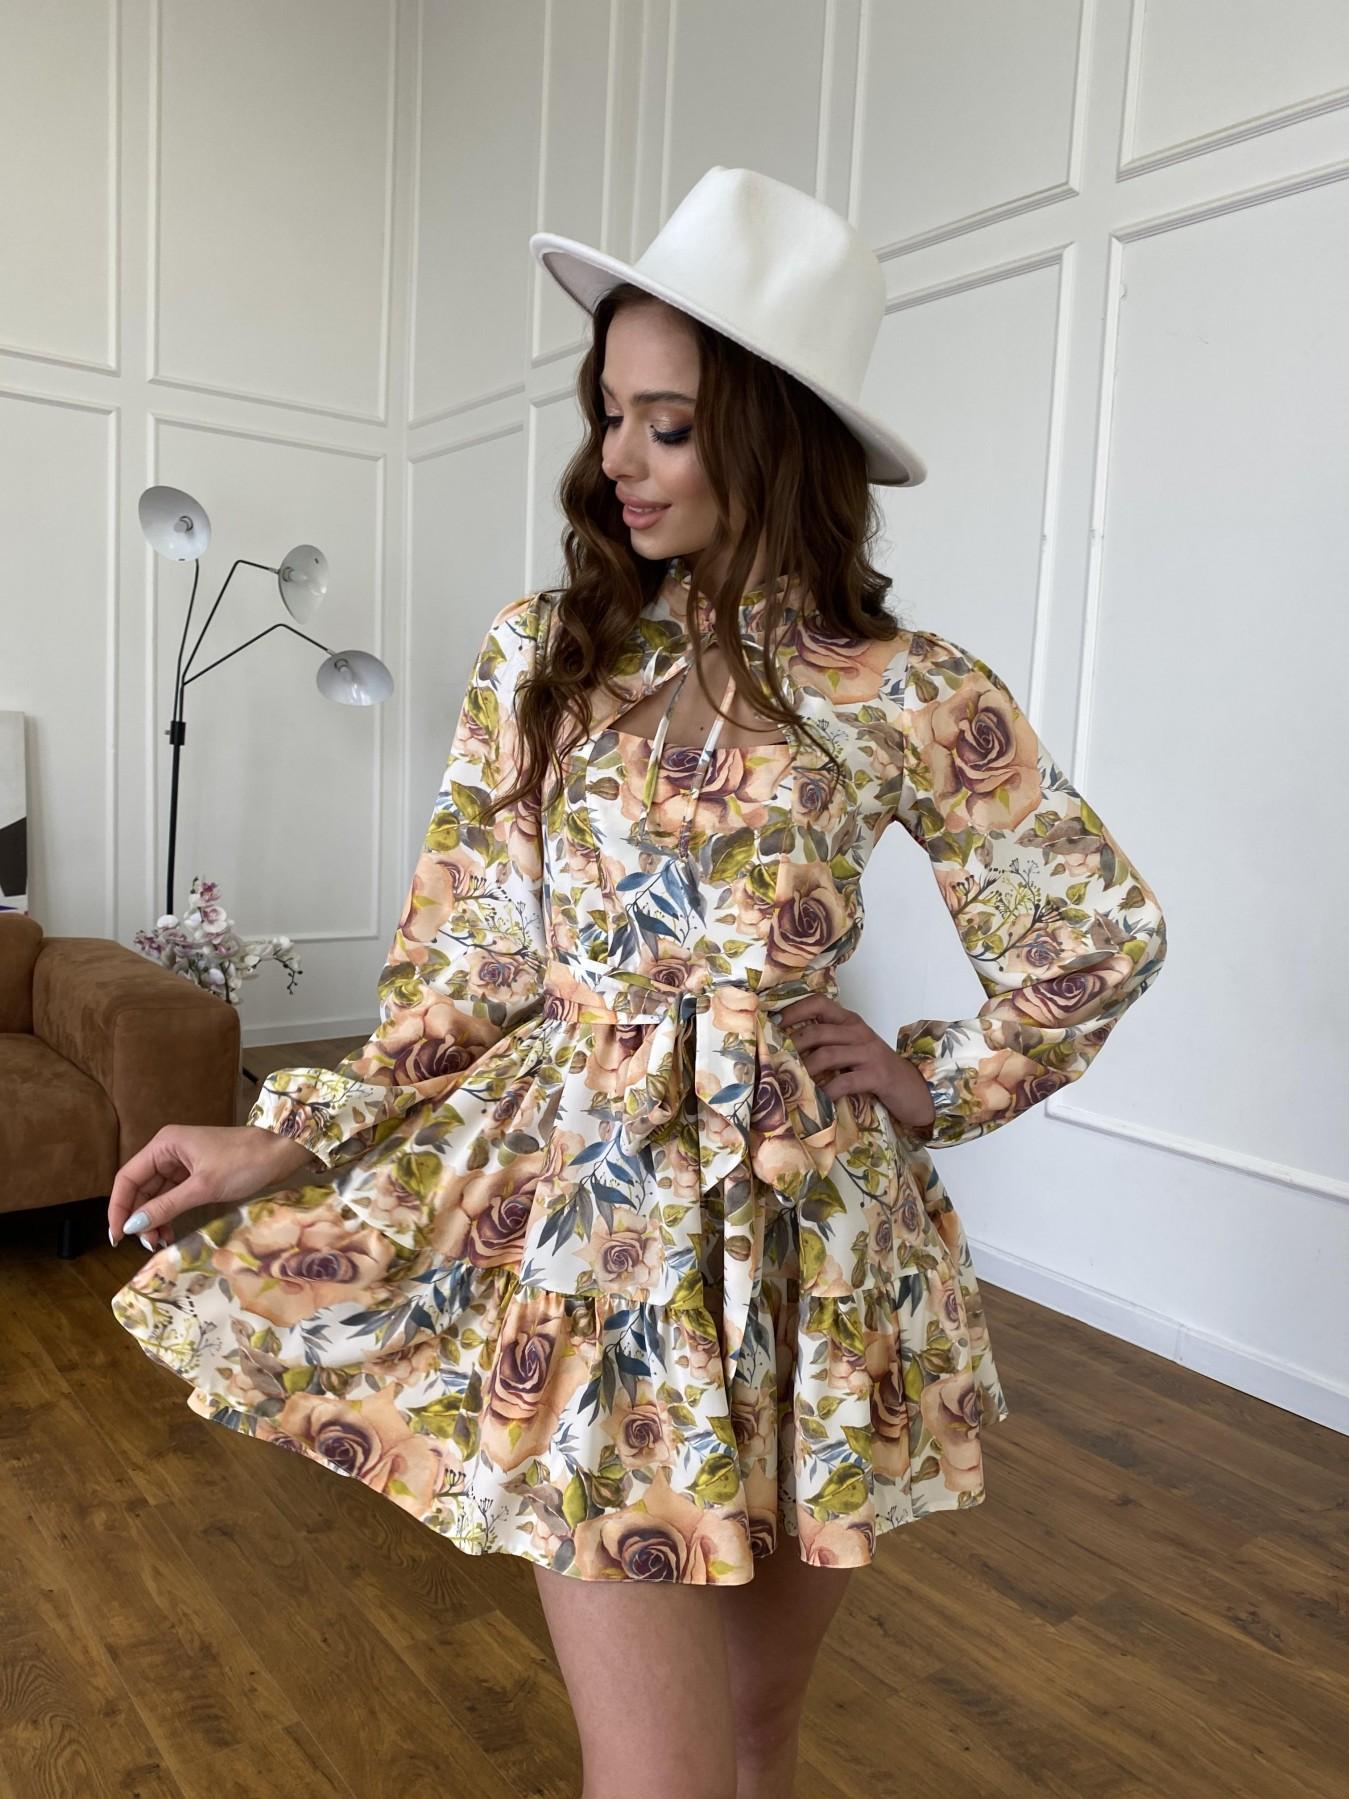 Марселла платье  софт принт бистрейч 11200 АРТ. 47710 Цвет: Кр.розы/молоко/персик - фото 6, интернет магазин tm-modus.ru